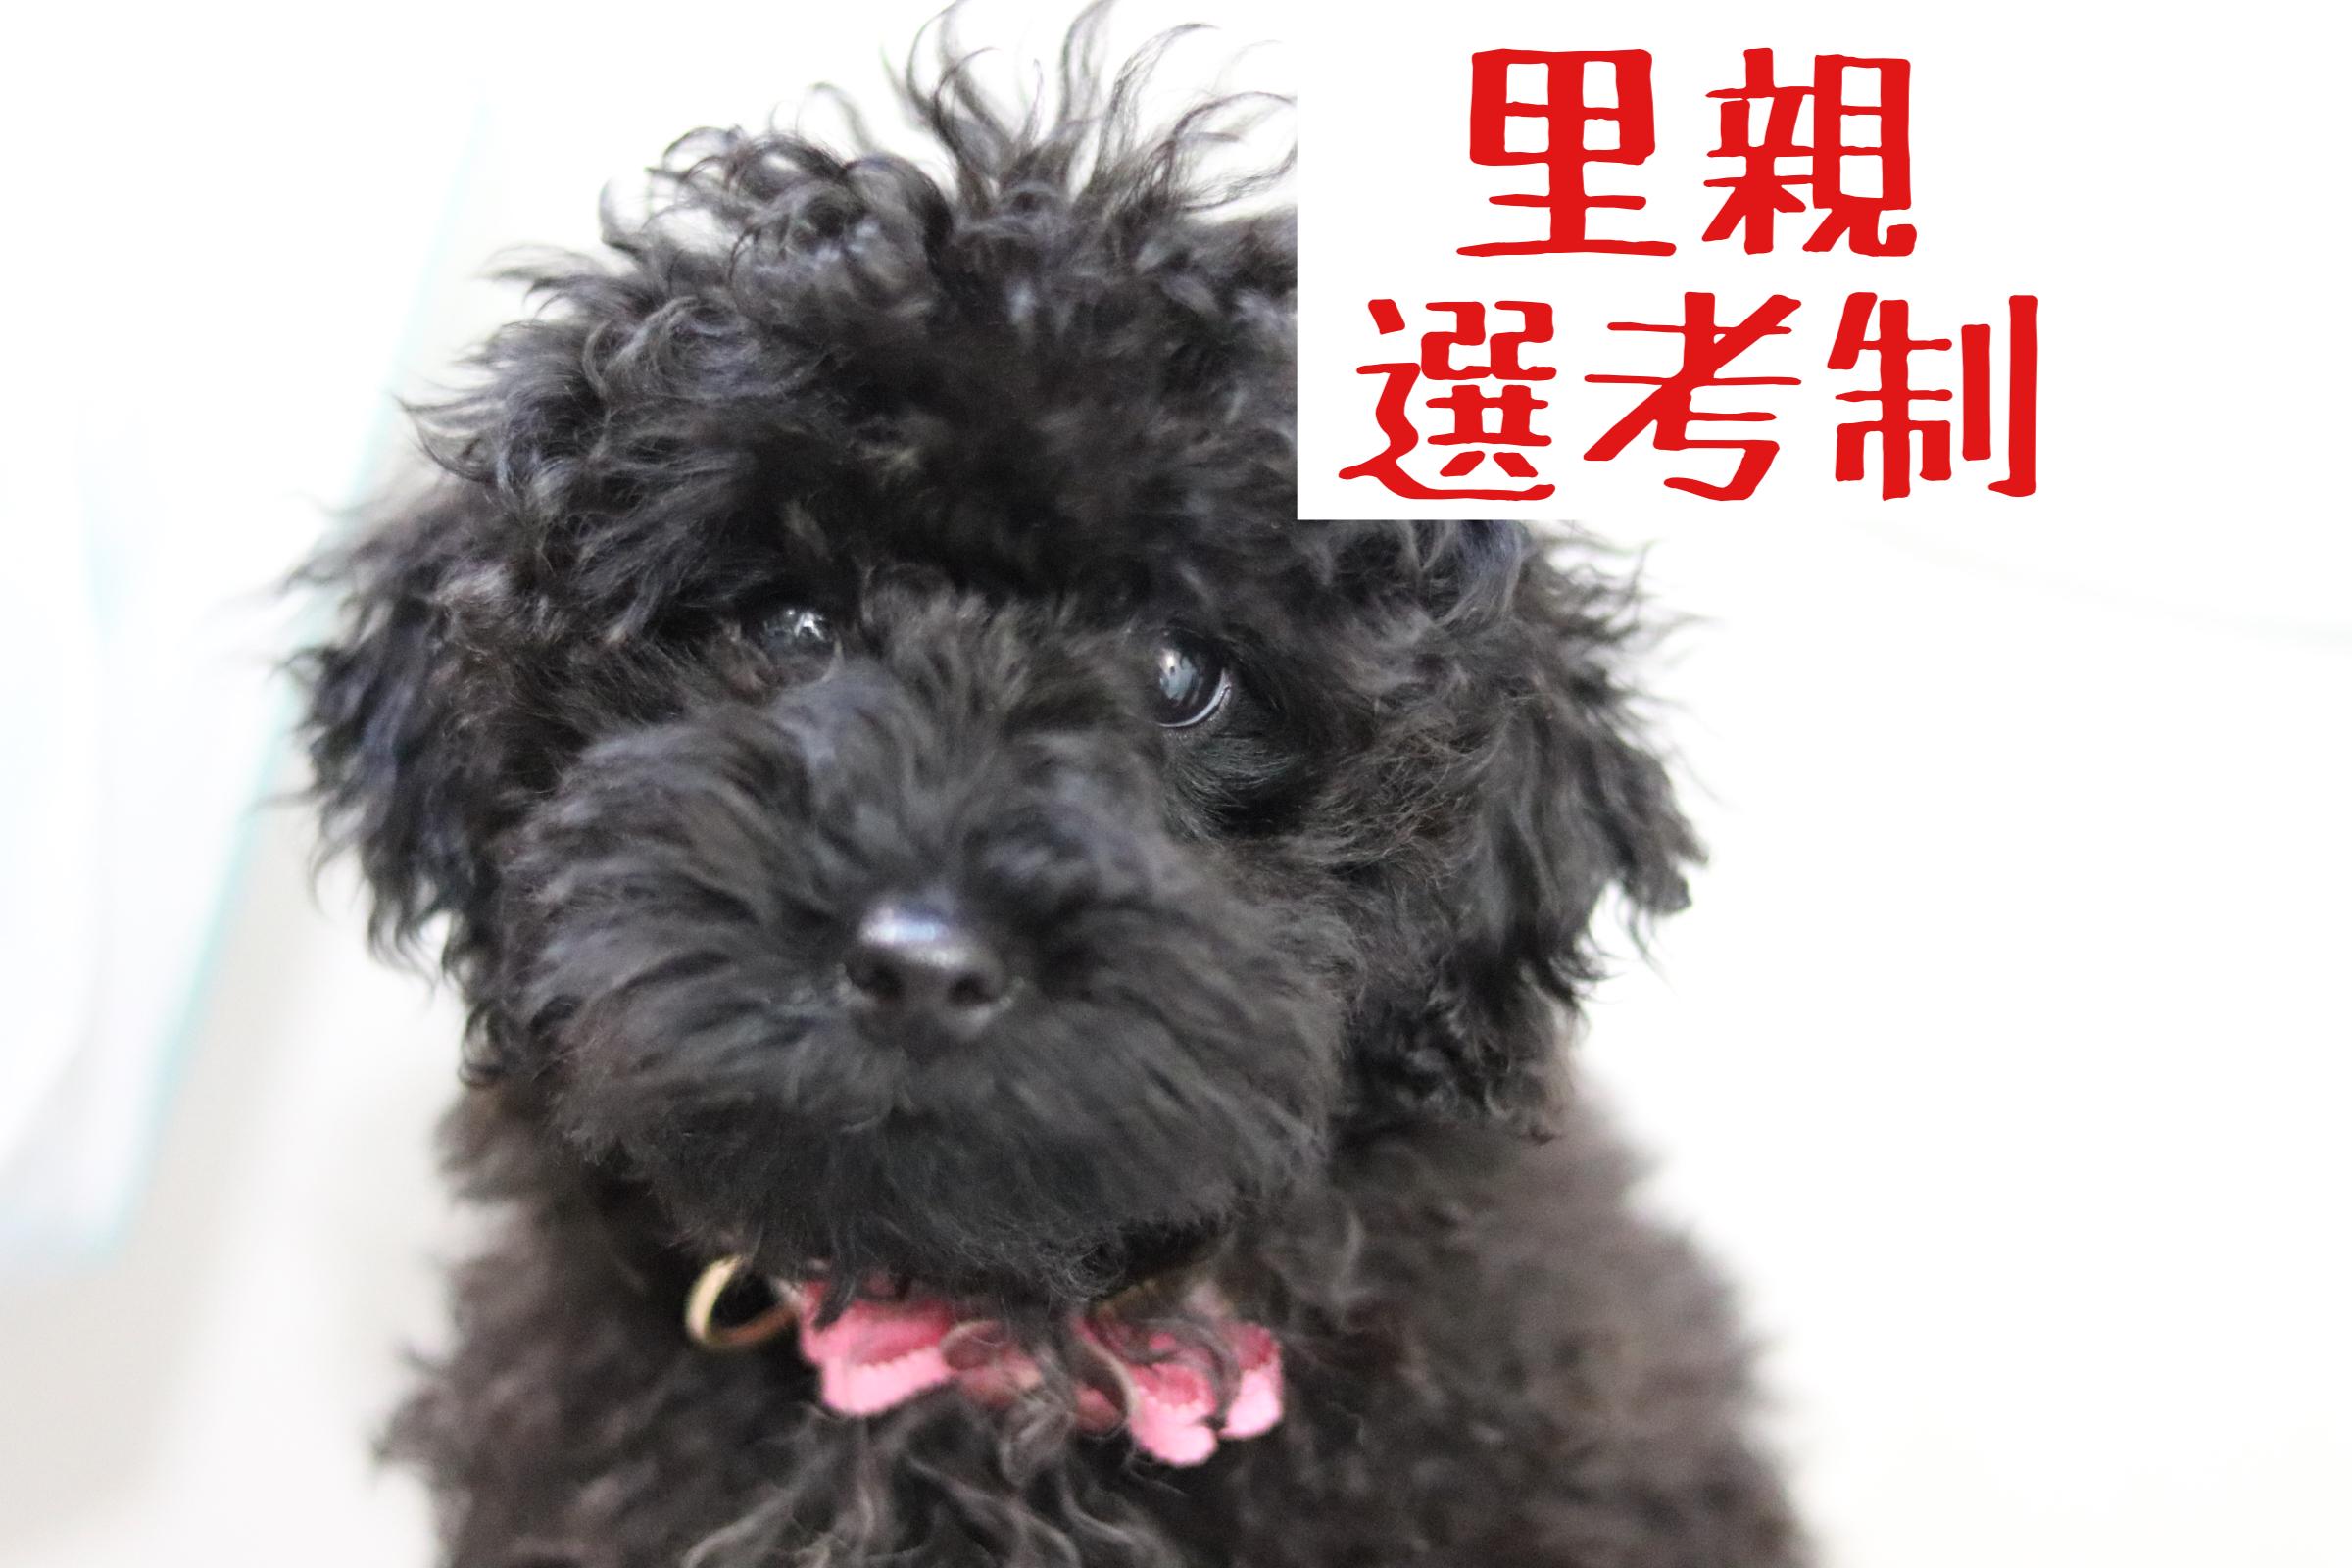 <ul> <li>犬種:トイプードル</li> <li>性別:女の子</li> <li>名前:エマ</li> <li>年齢:2021年3月26日生まれ</li> <li>保護経緯:早朝又はゲージに入れると吠える、トイレをあちこちに外すため飼育困難</li> </ul>